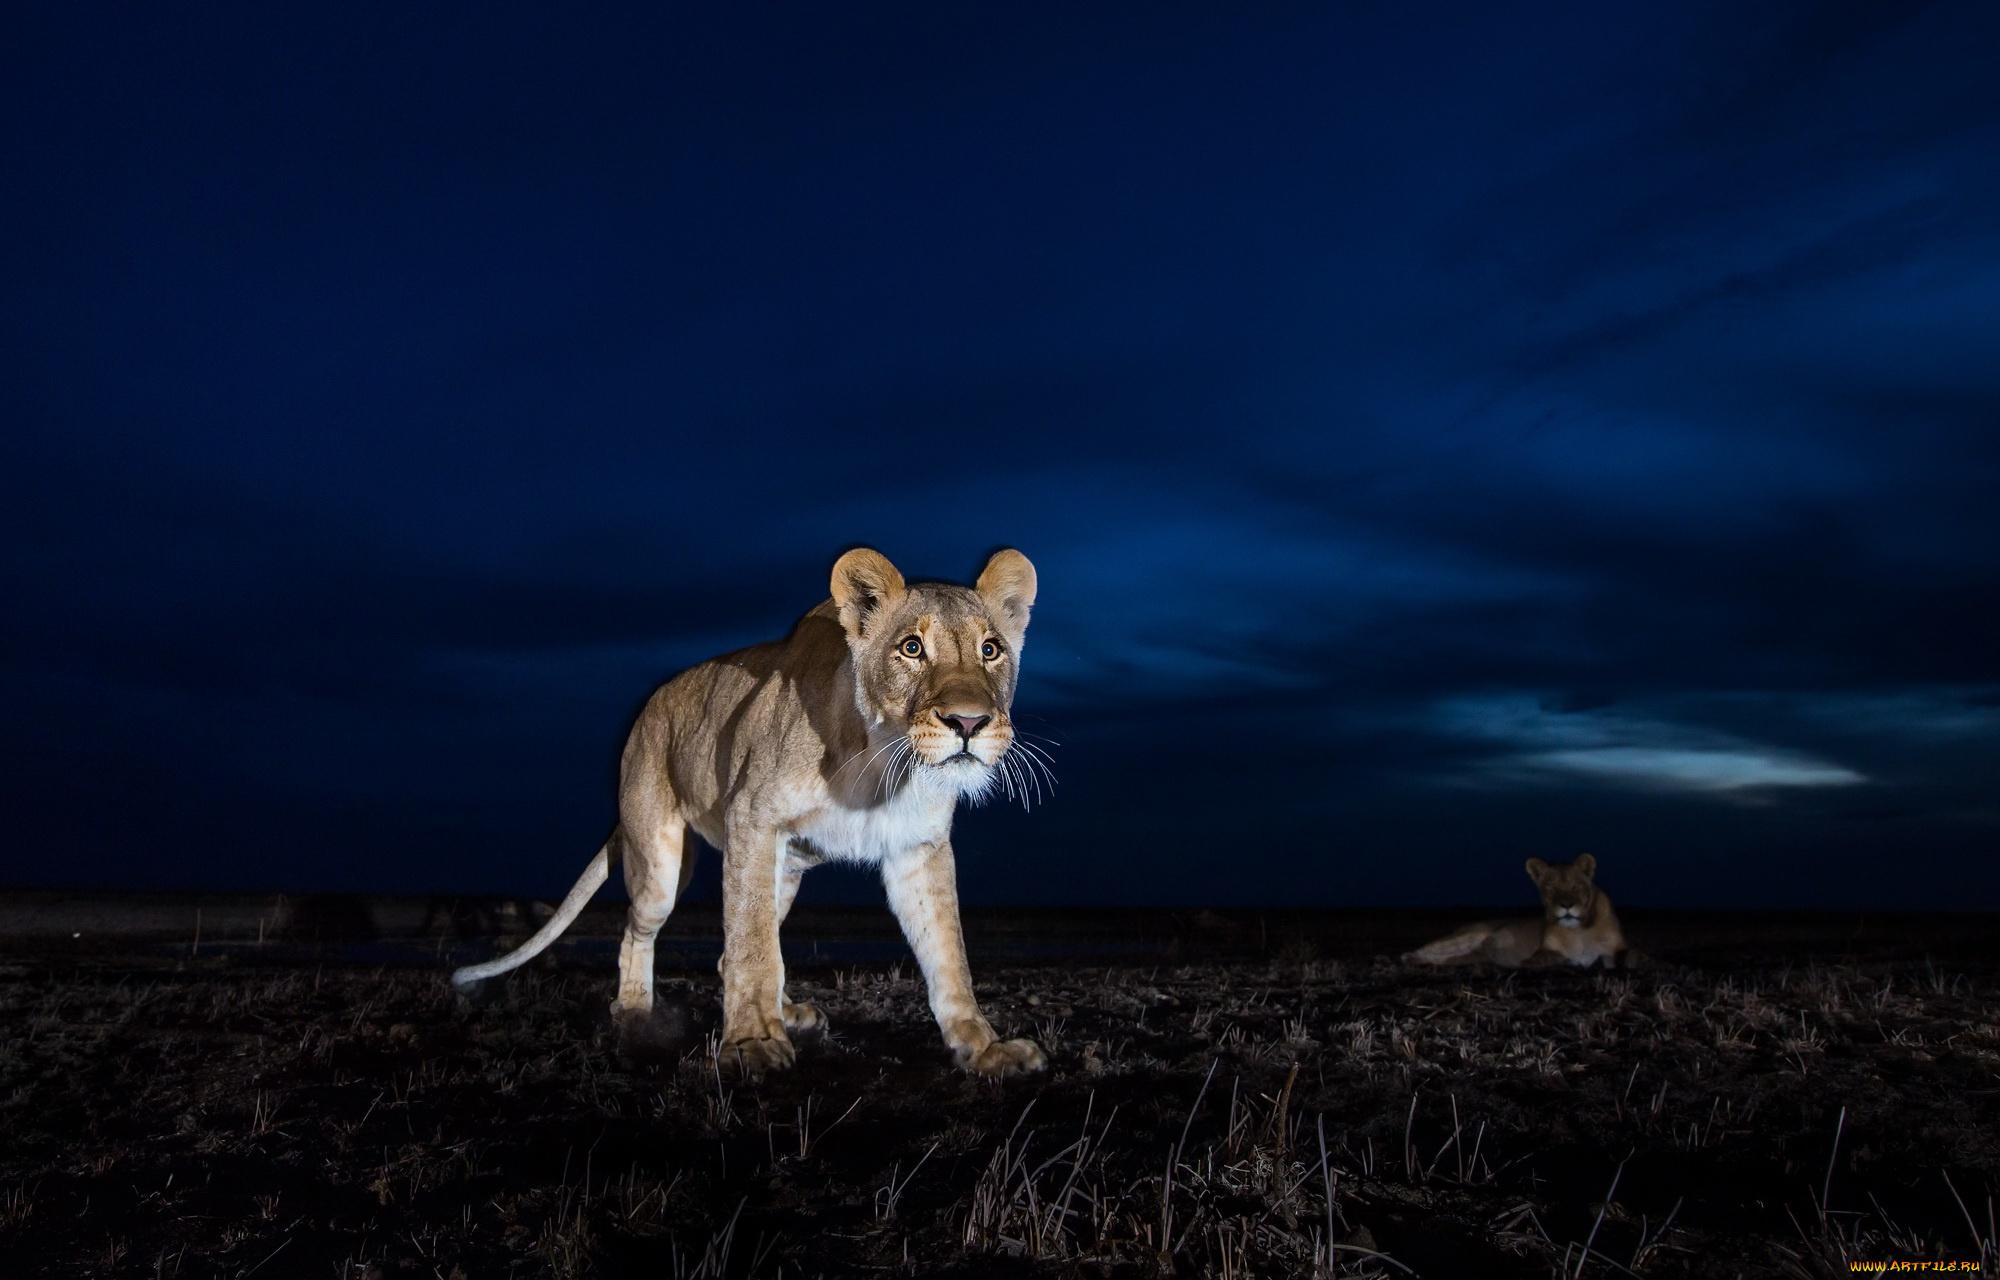 Очень красивые картинки с животными ночью